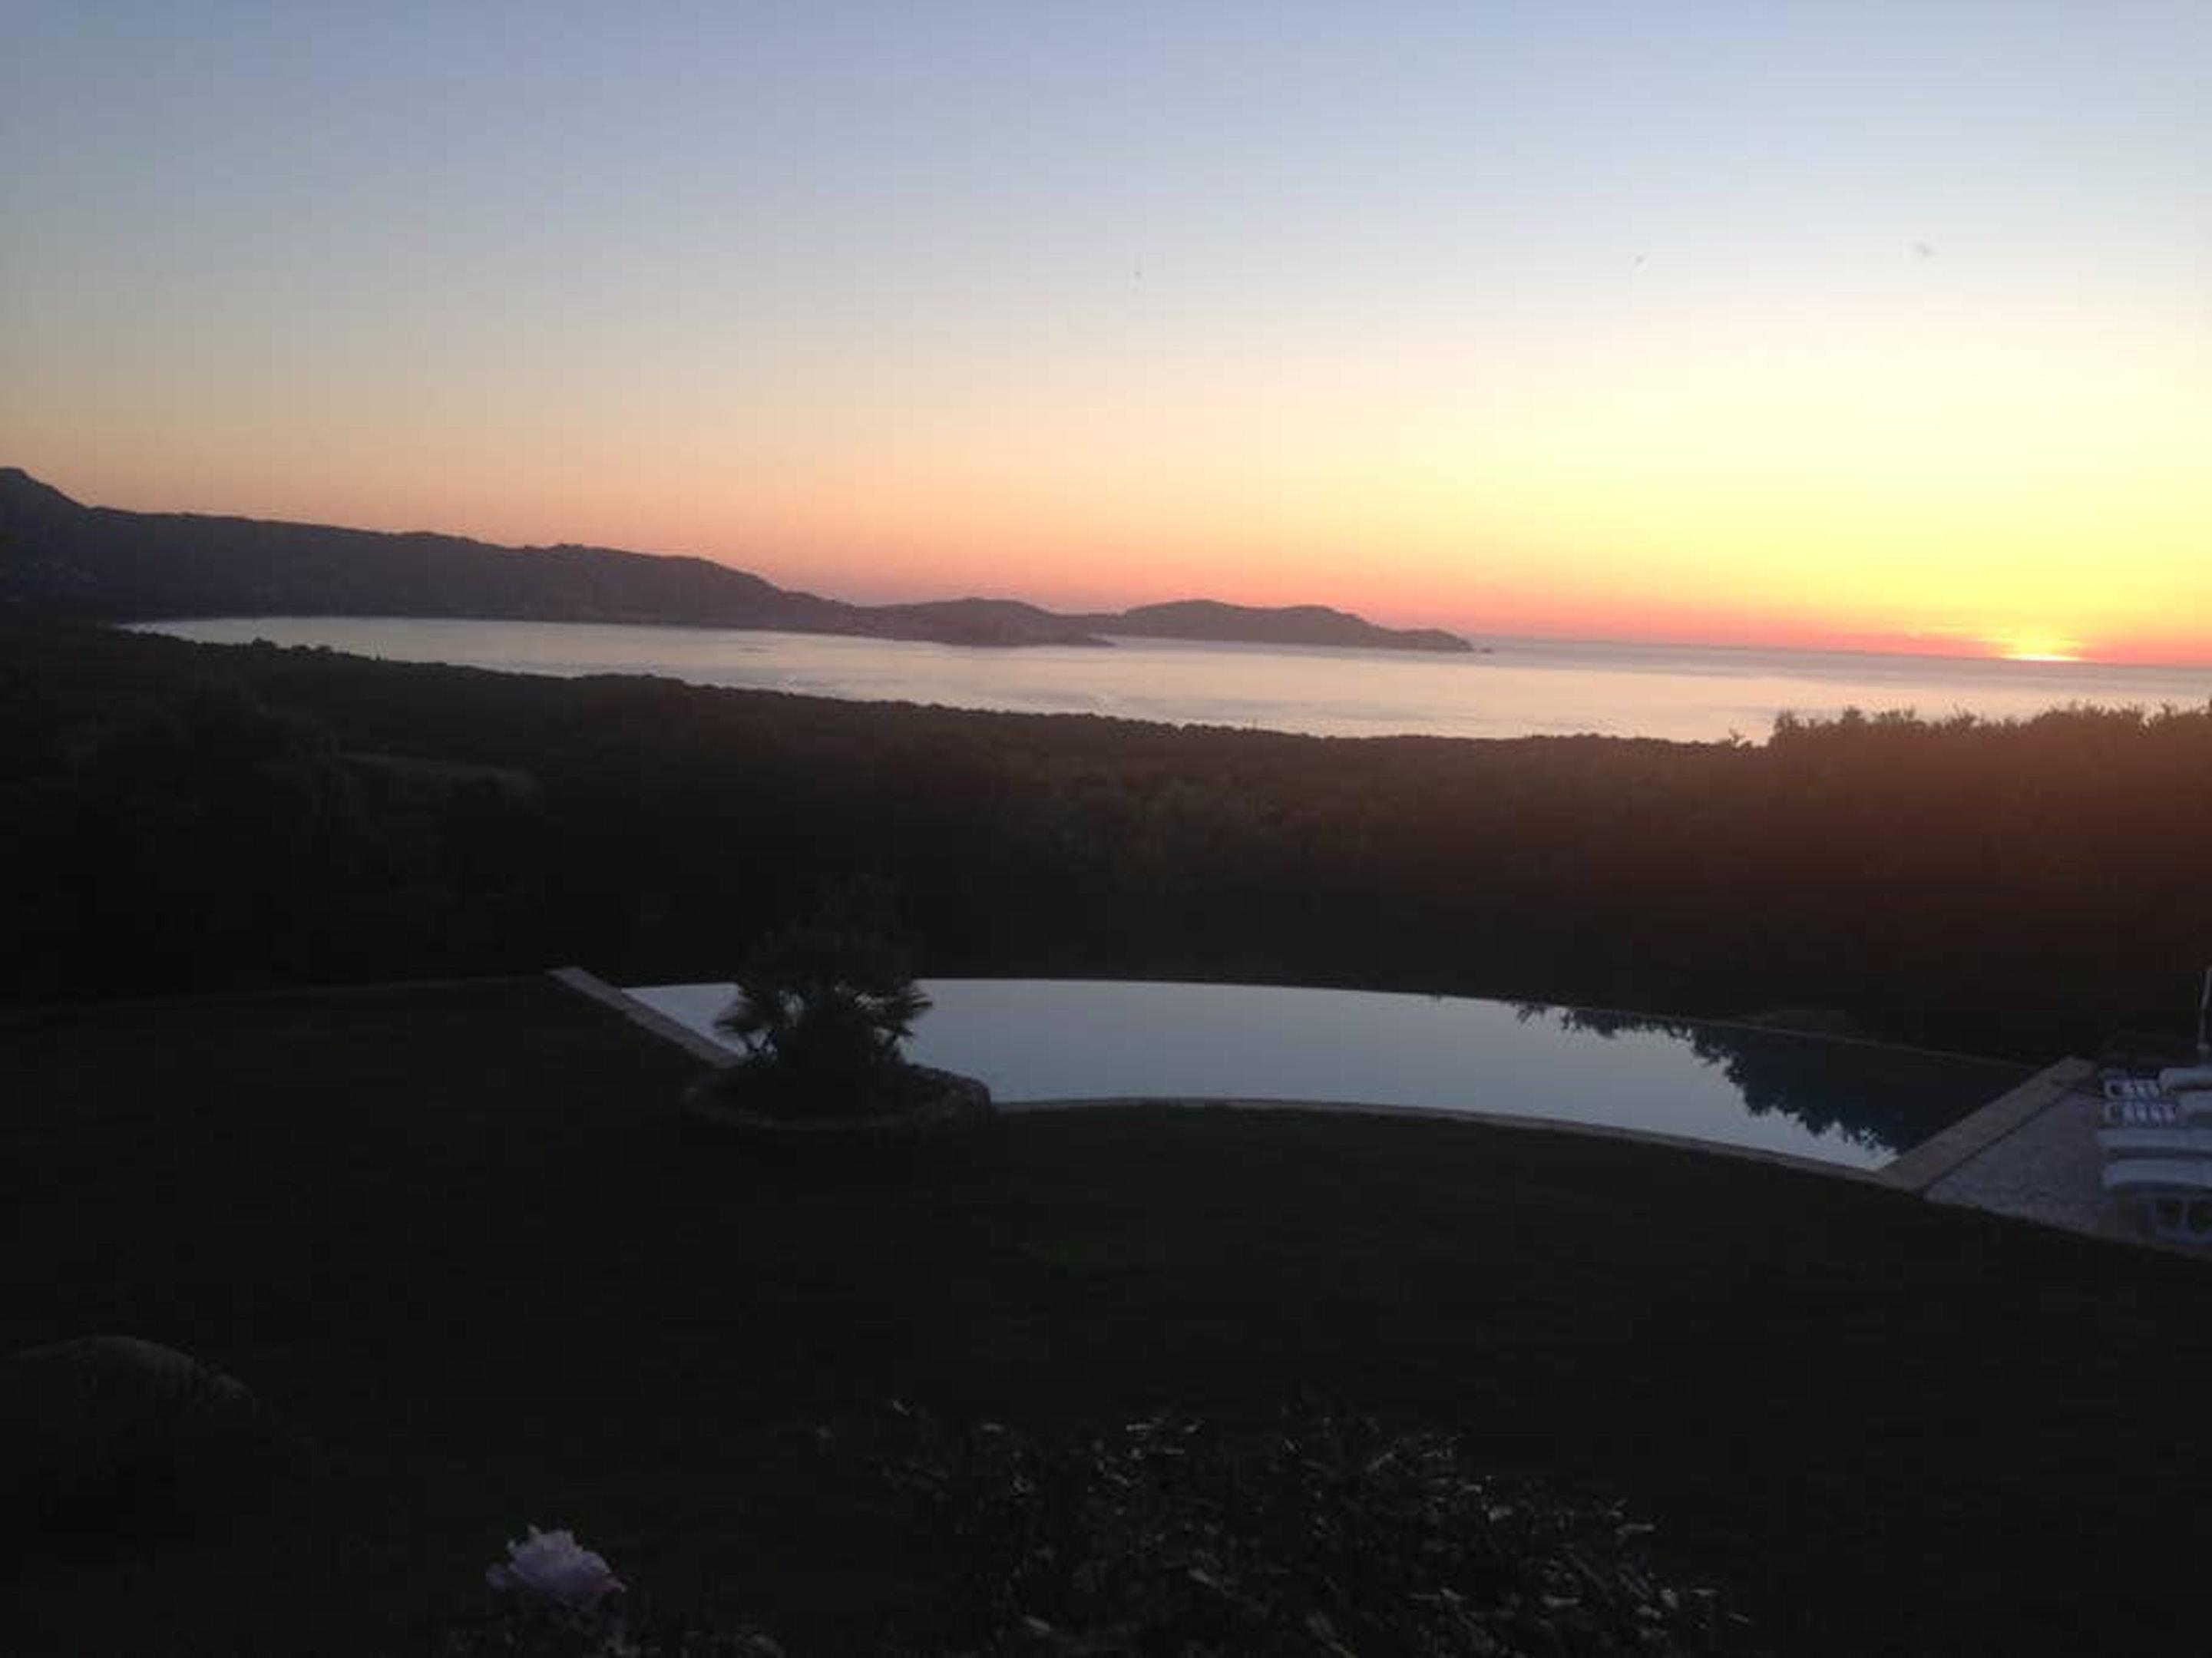 Ferienhaus Villa mit 4 Schlafzimmern in Lumio mit herrlichem Meerblick, privatem Pool, möbliertem Gar (2632533), Lumio, Nordkorsika, Korsika, Frankreich, Bild 21